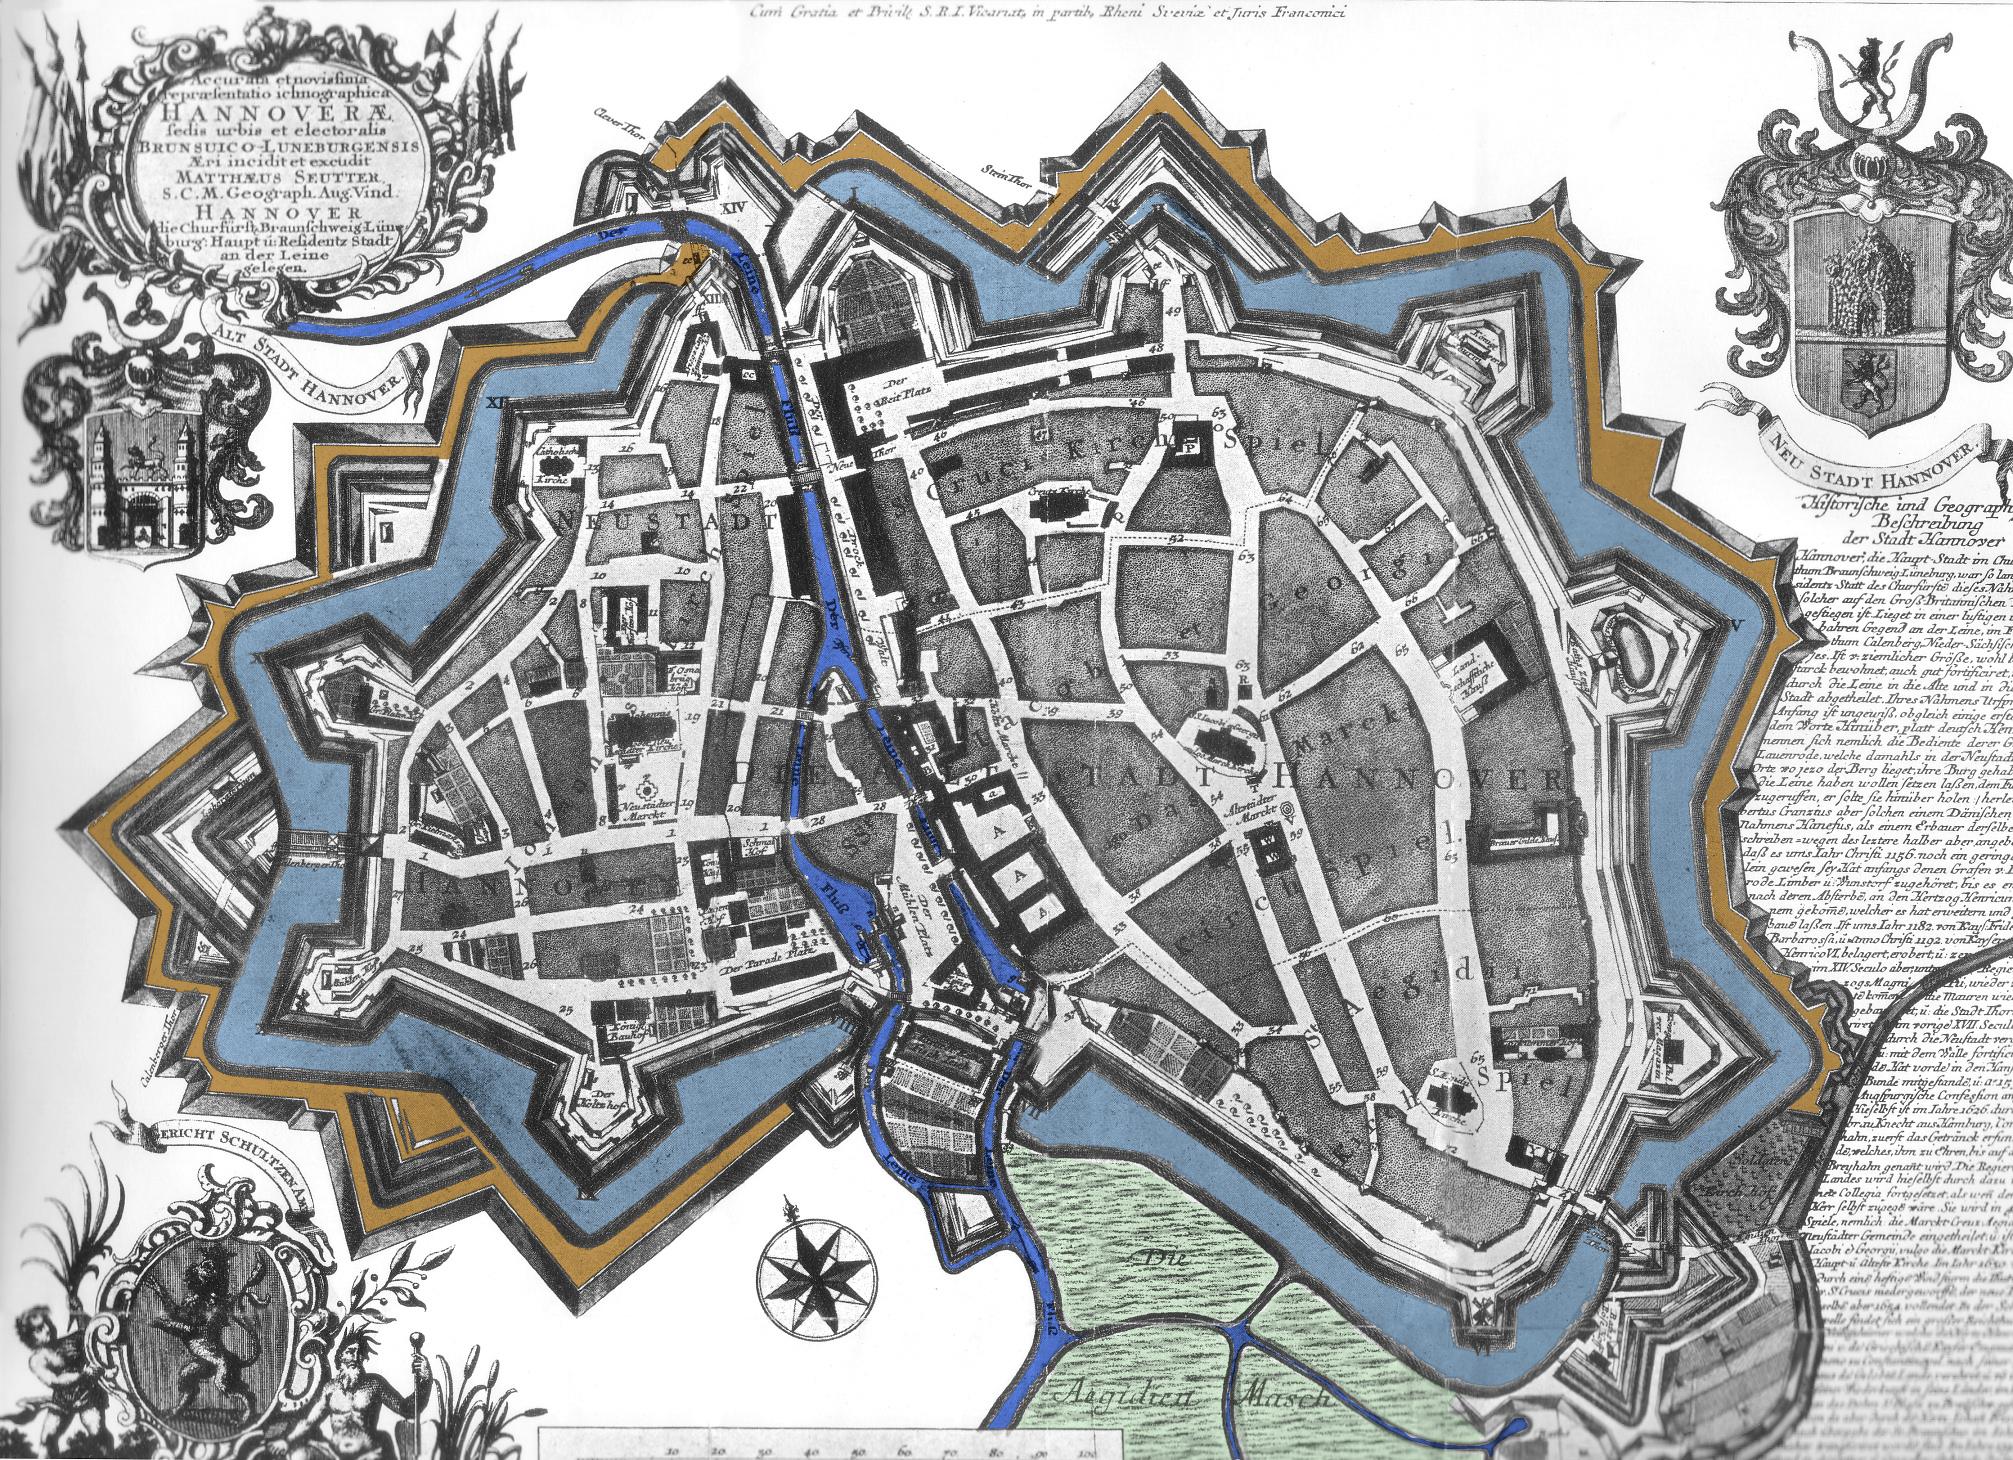 Hannover 1745 als sternförmige Festungsstadt mit Schanzen, Bastionen und Wassergräben. Westlich der Leine liegt die einbezogene Calenberger Neustadt.